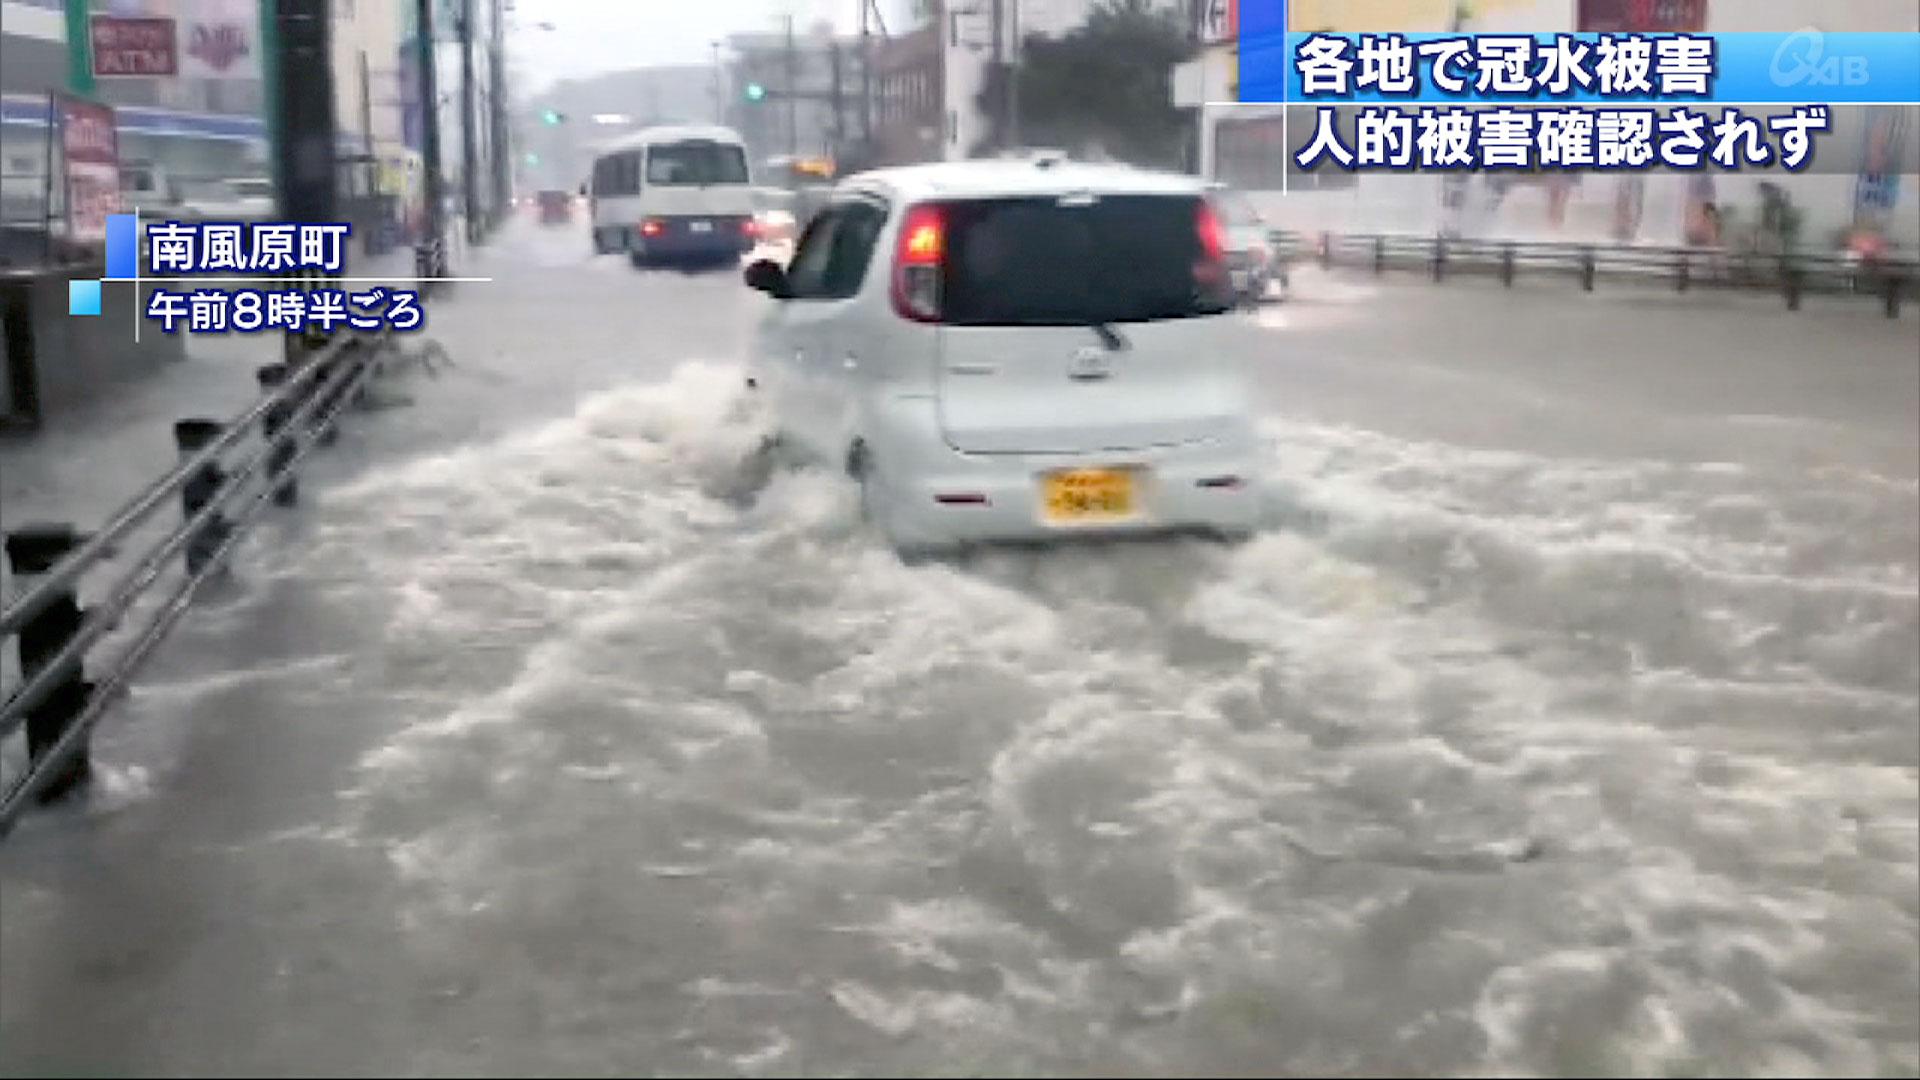 県内各地で激しい雨 土砂災害に注意